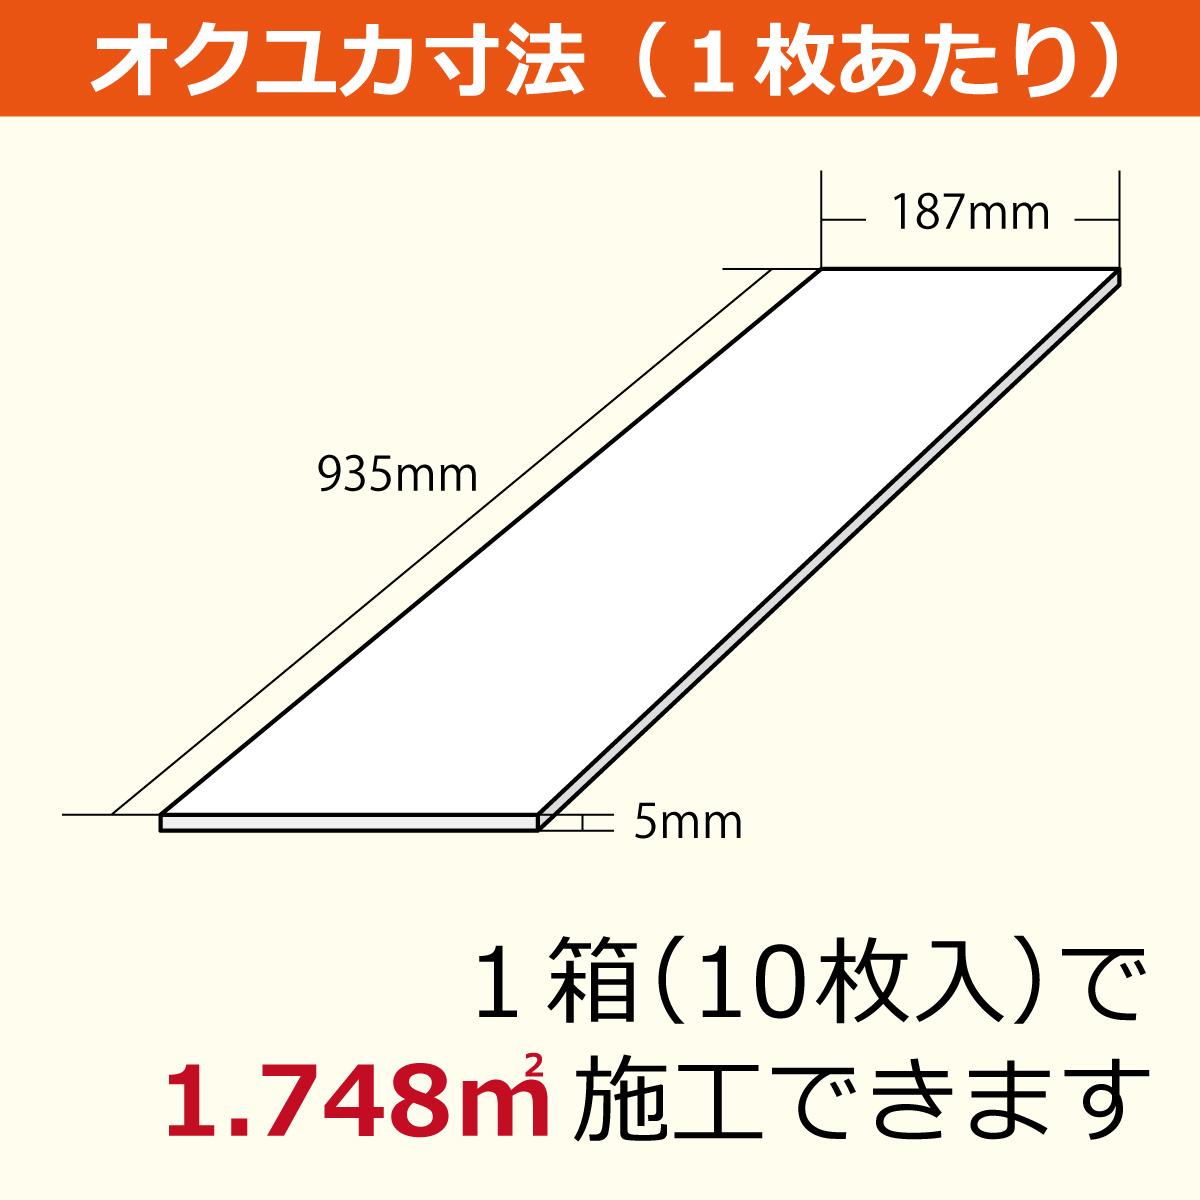 オクユカ寸法(1枚あたり) 長さ935mm 幅187mm 厚さ5mm 1箱(10枚入り)で1.748平方メートル施工できます